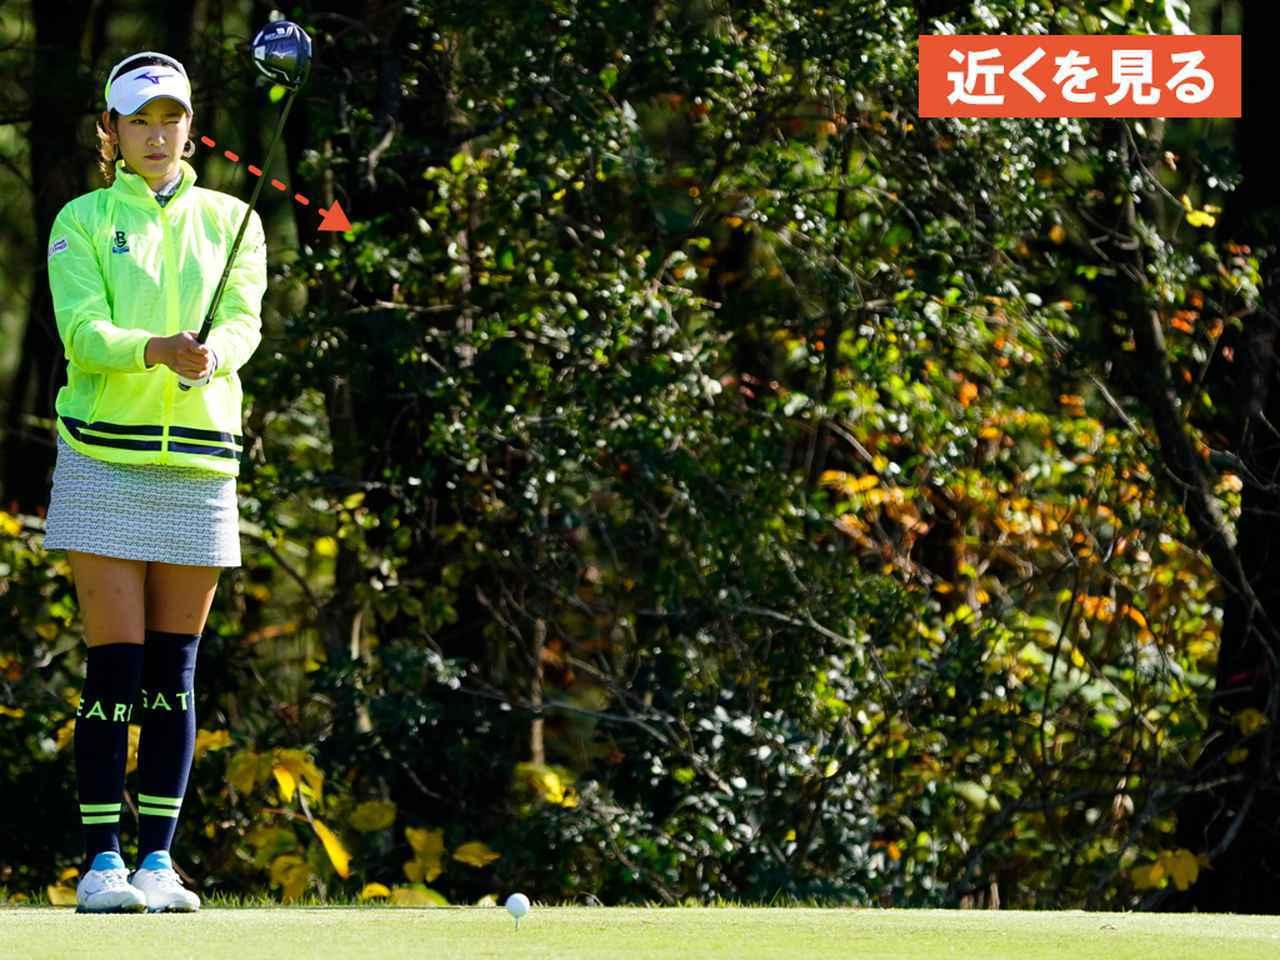 """画像28: 【プレショットルーティン調査】女子プロゴルファー上位32人をチェック! 2タイプに分かれた""""アドレスの入り方"""""""